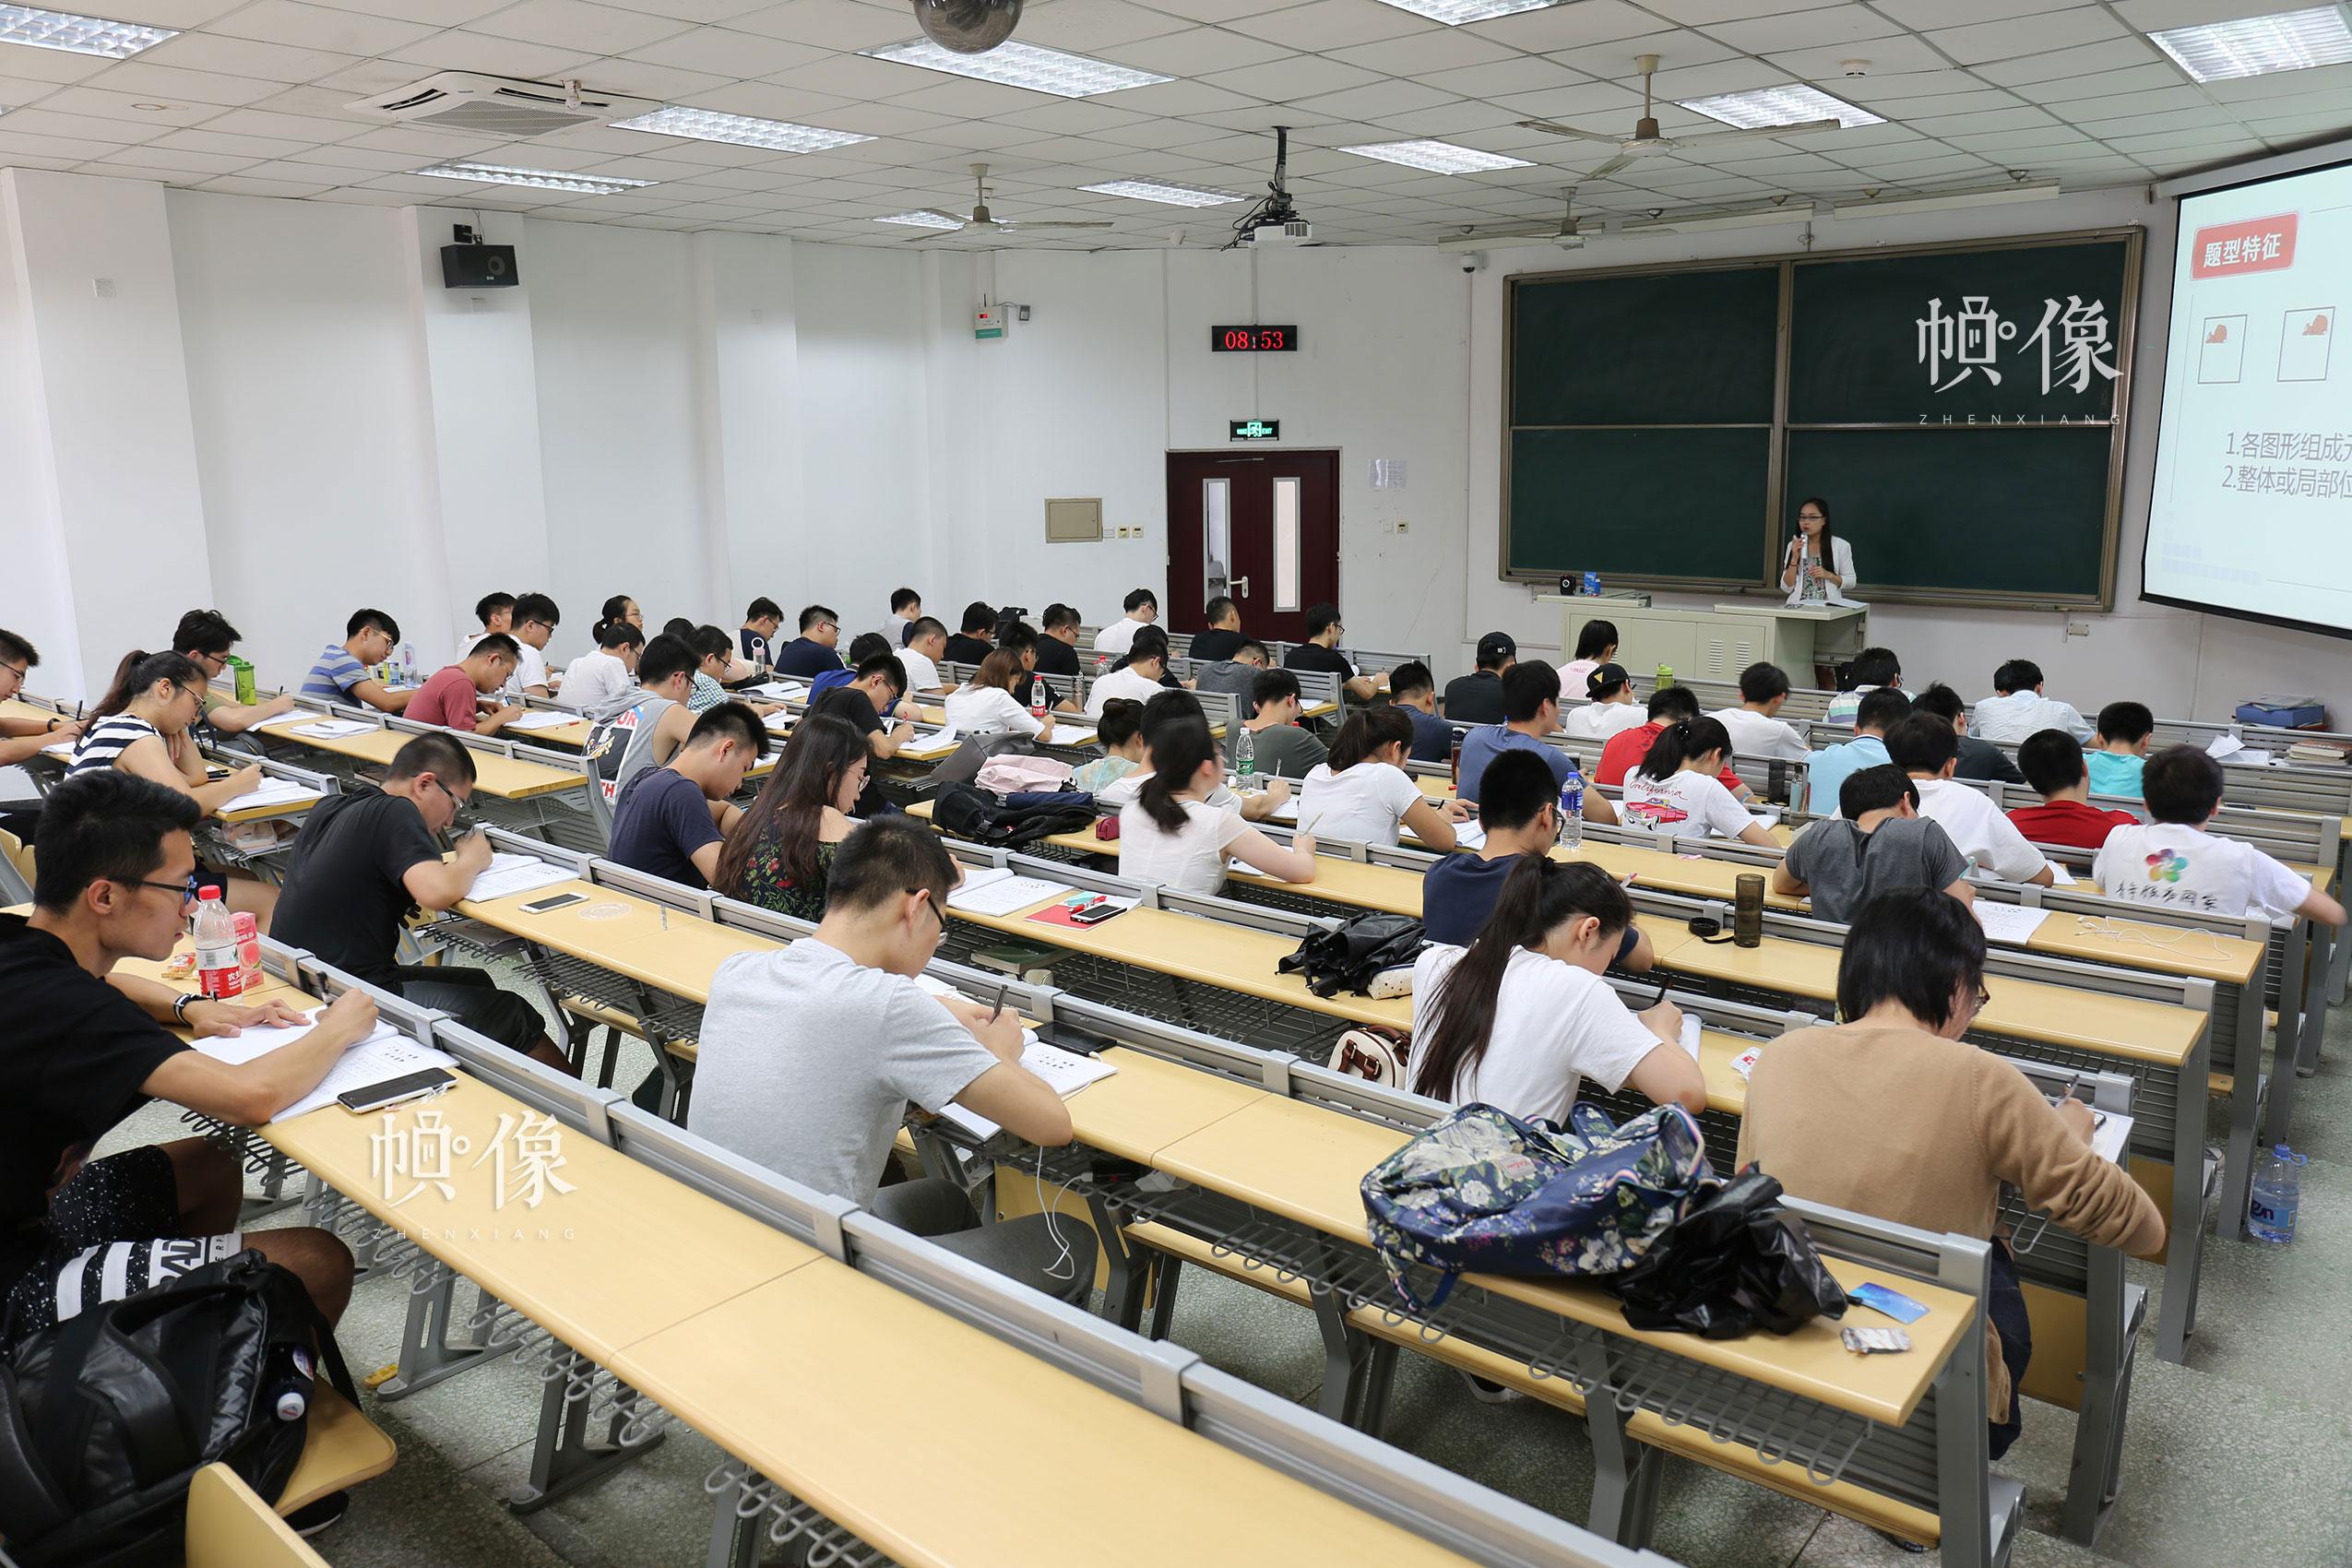 2017年7月10日,北京,参加华图教育培训的学生认真记录考试重点。中国网记者 王梦泽 摄